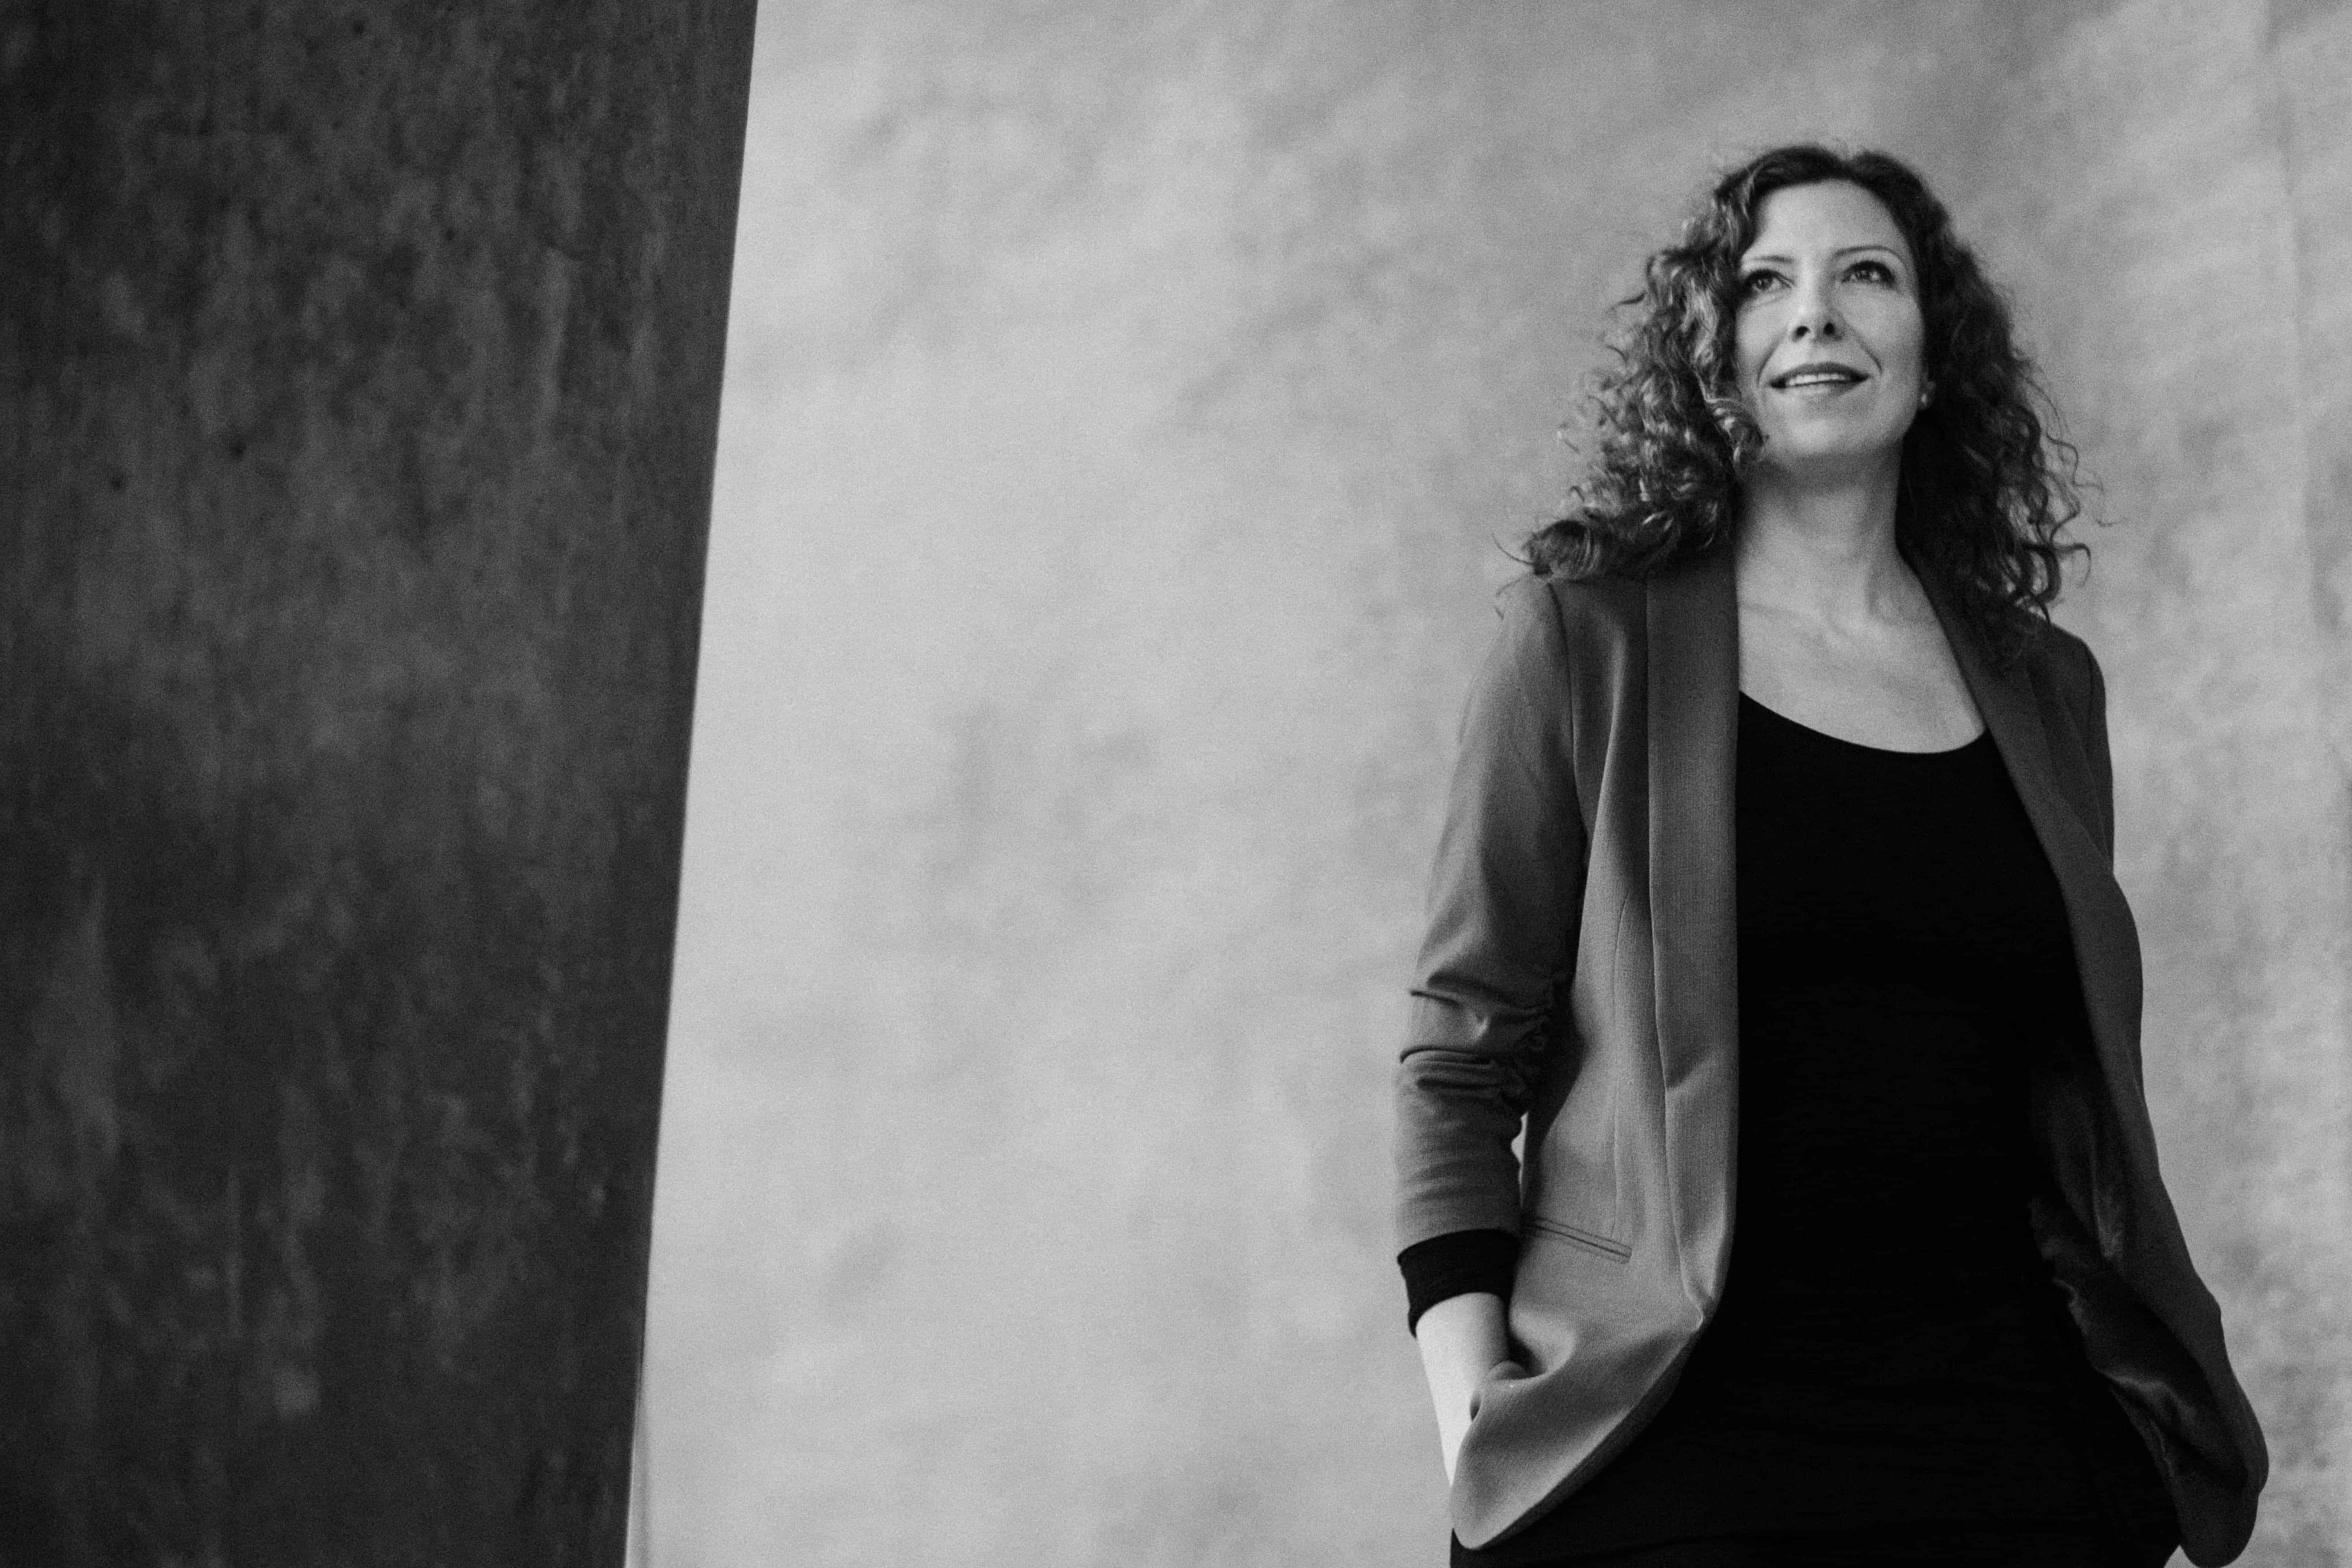 eine Frau steht vor einer hellen Betonwand, sie hält ihre Hände in den Hosentaschen und schaut in die Ferne